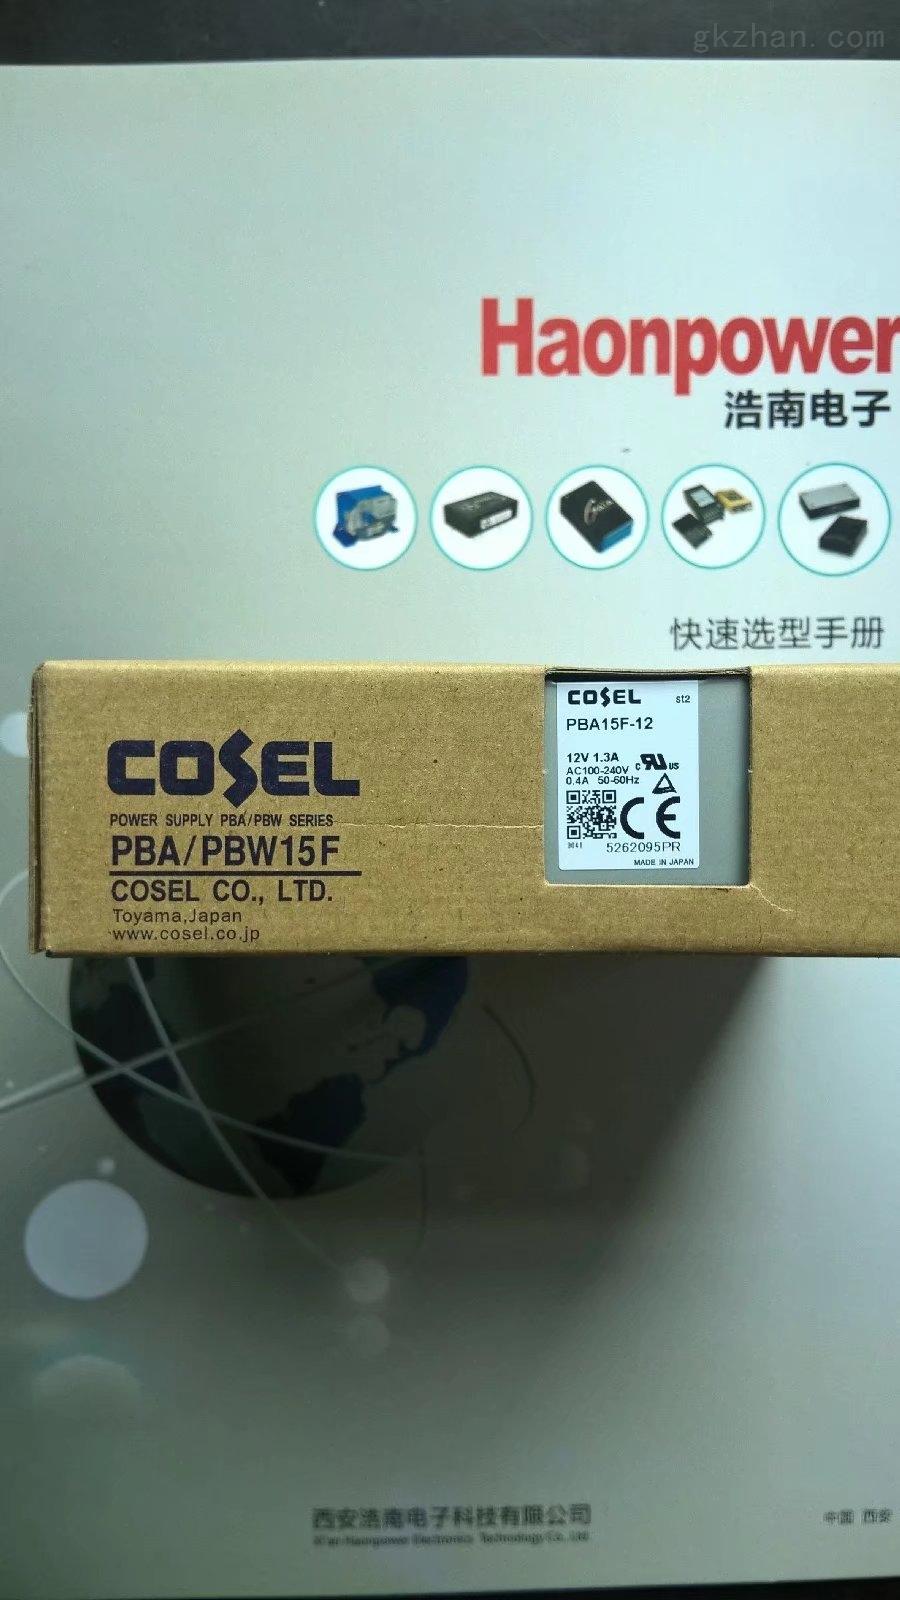 交流电源供应器PBA15F-24-N1 PBA15F-12-N